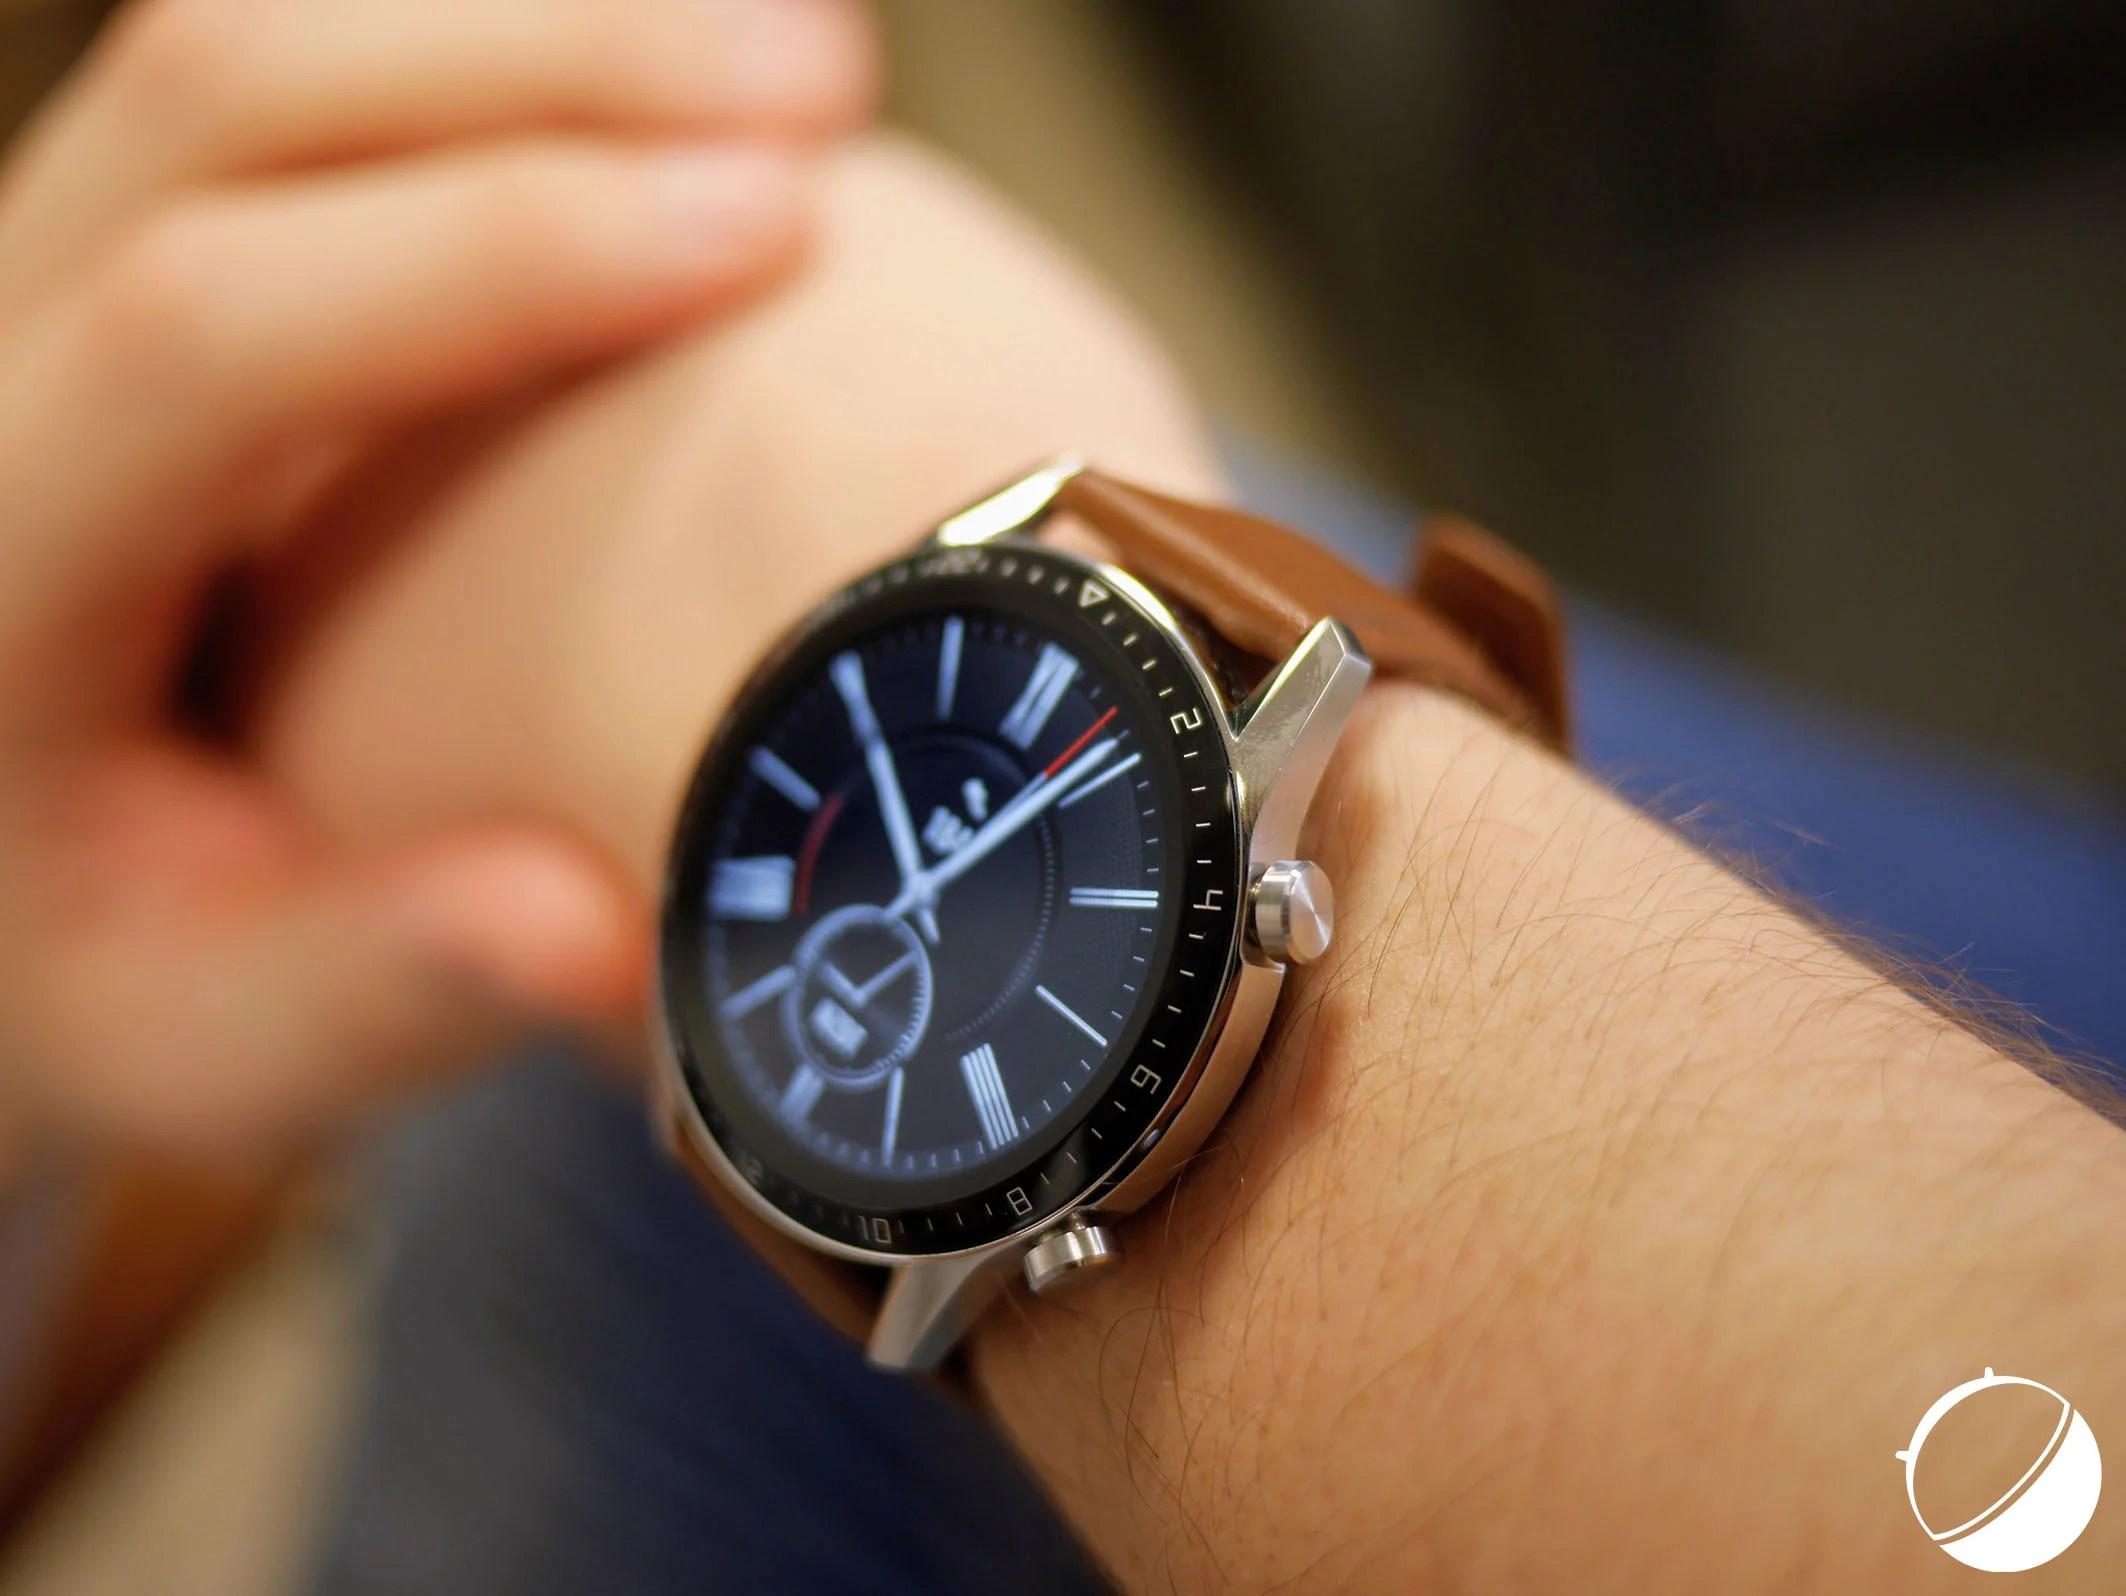 Montres connectées : Huawei double ses ventes en un an et passe devant Samsung